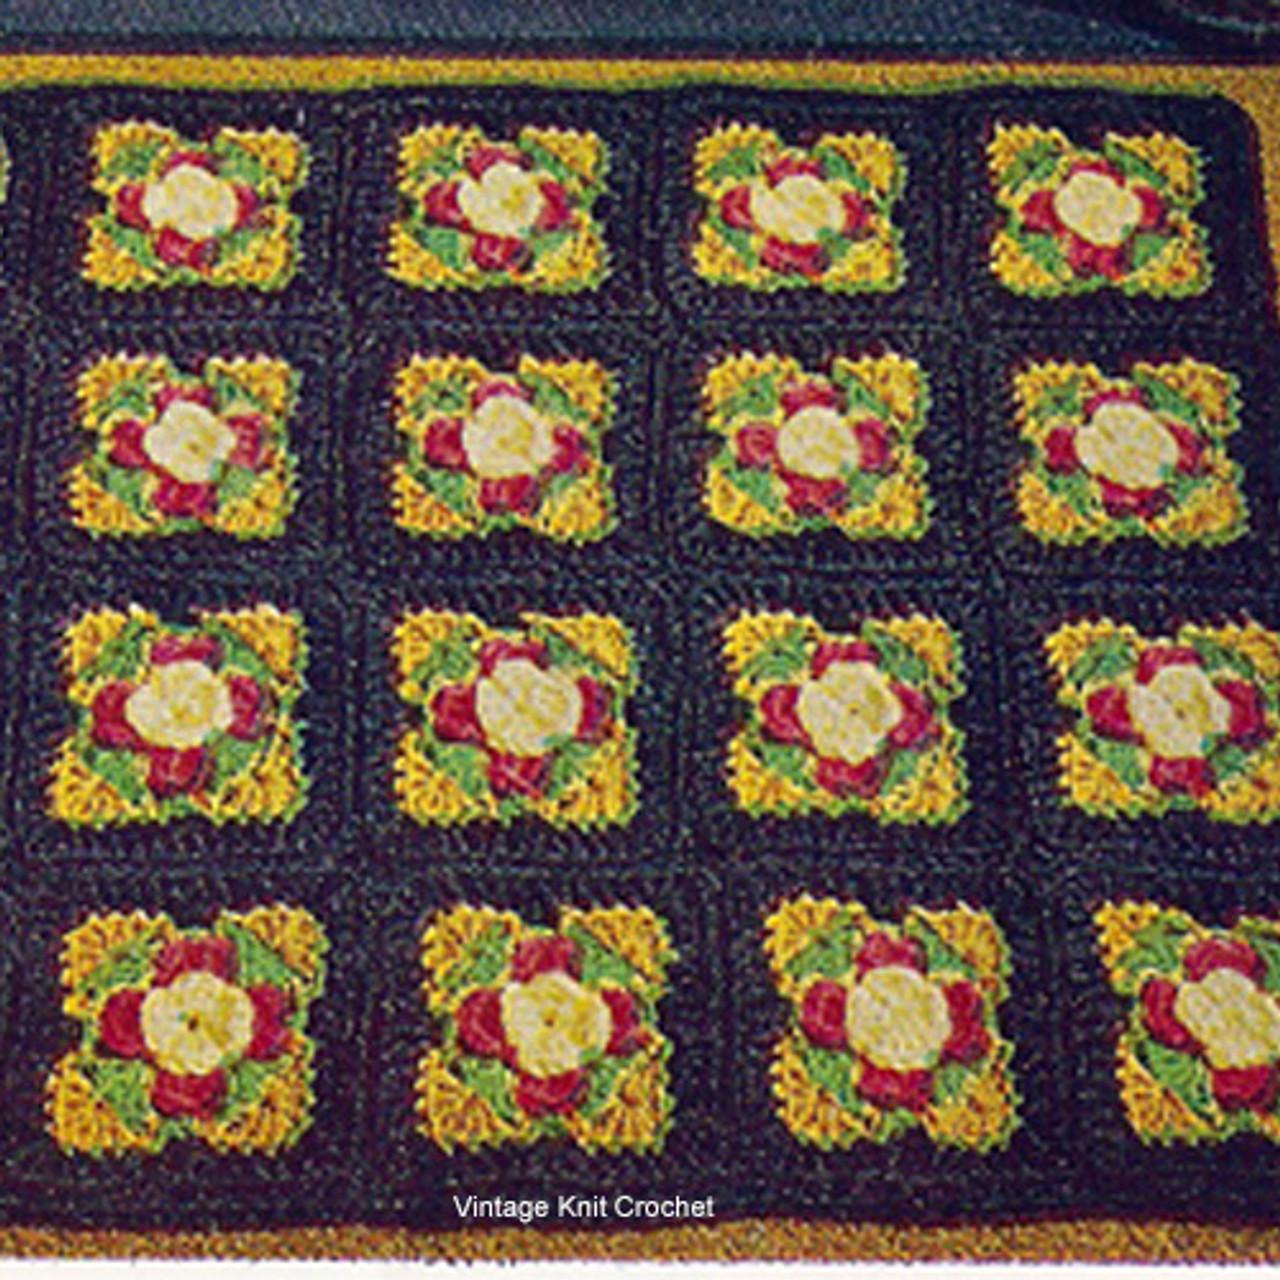 Easy Crochet Rug Pattern in 6-1/4 inch blocks